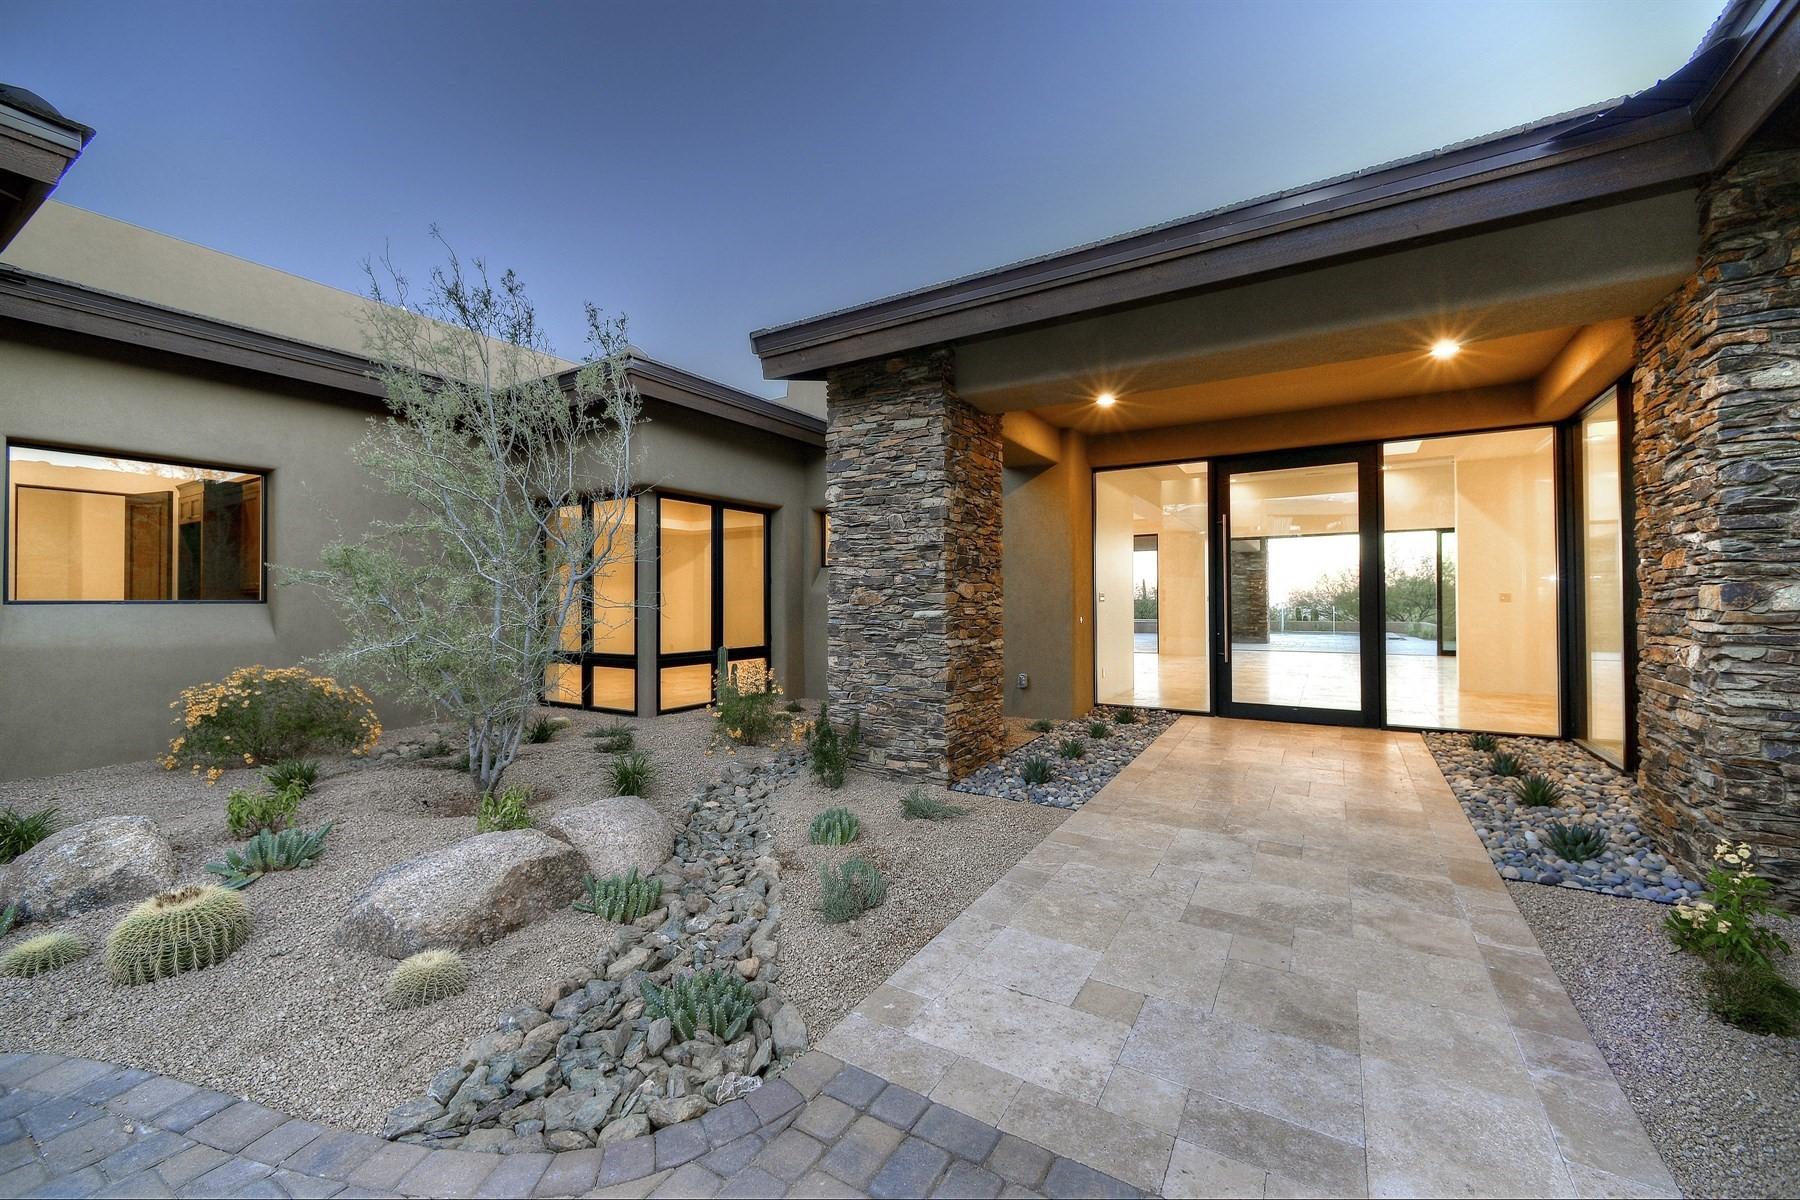 Einfamilienhaus für Verkauf beim Southwest Contemporary with no interior steps and stone floors throughout 11077 E Honey Mesquite DR Scottsdale, Arizona, 85262 Vereinigte Staaten